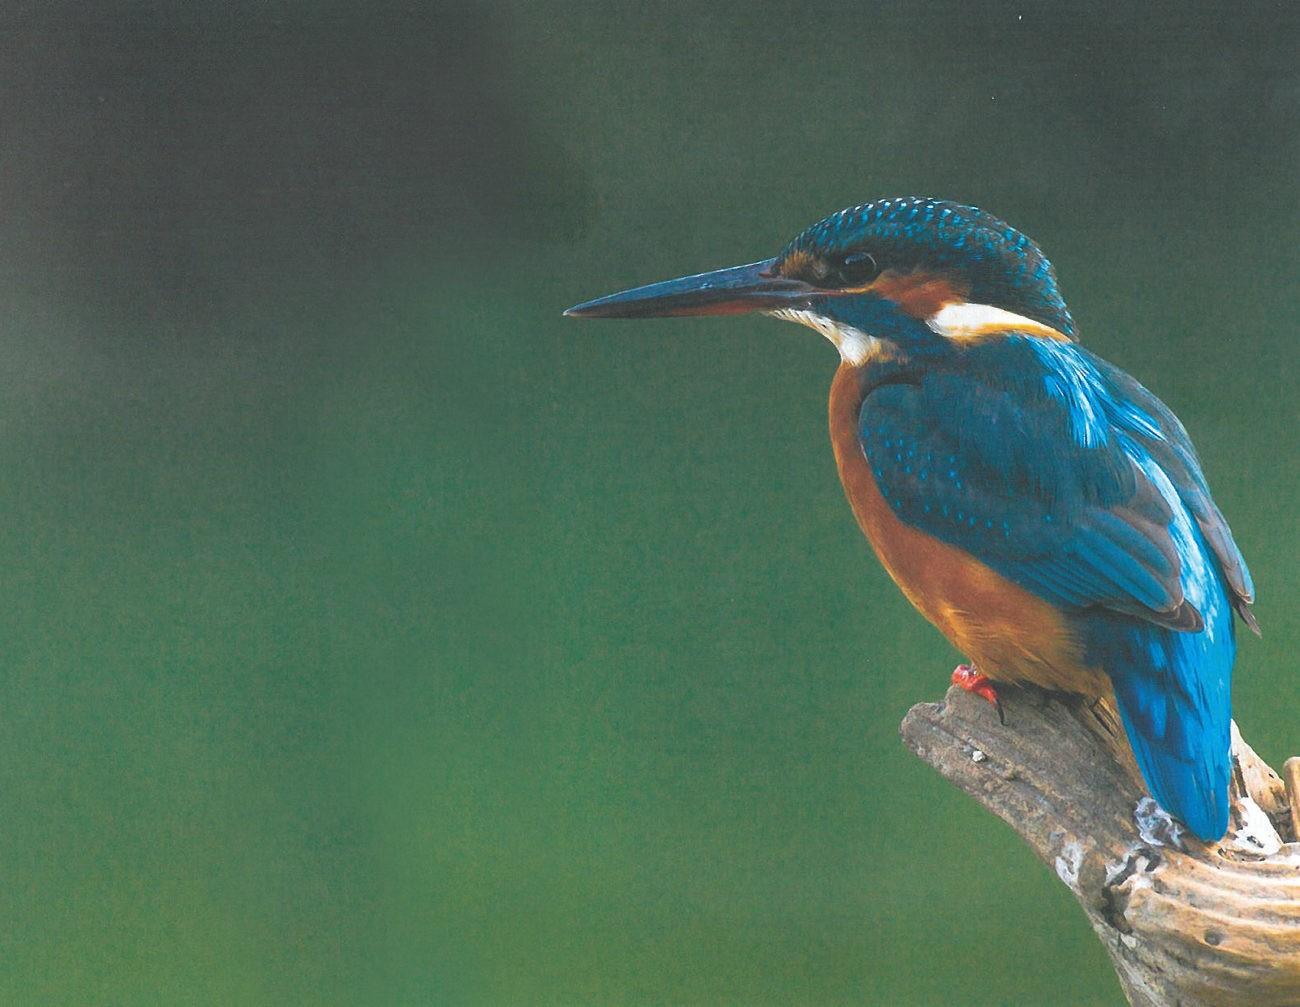 CULTURA - Fauna do PNPG em fotografia no Museu da Imagem até 27 de Janeiro